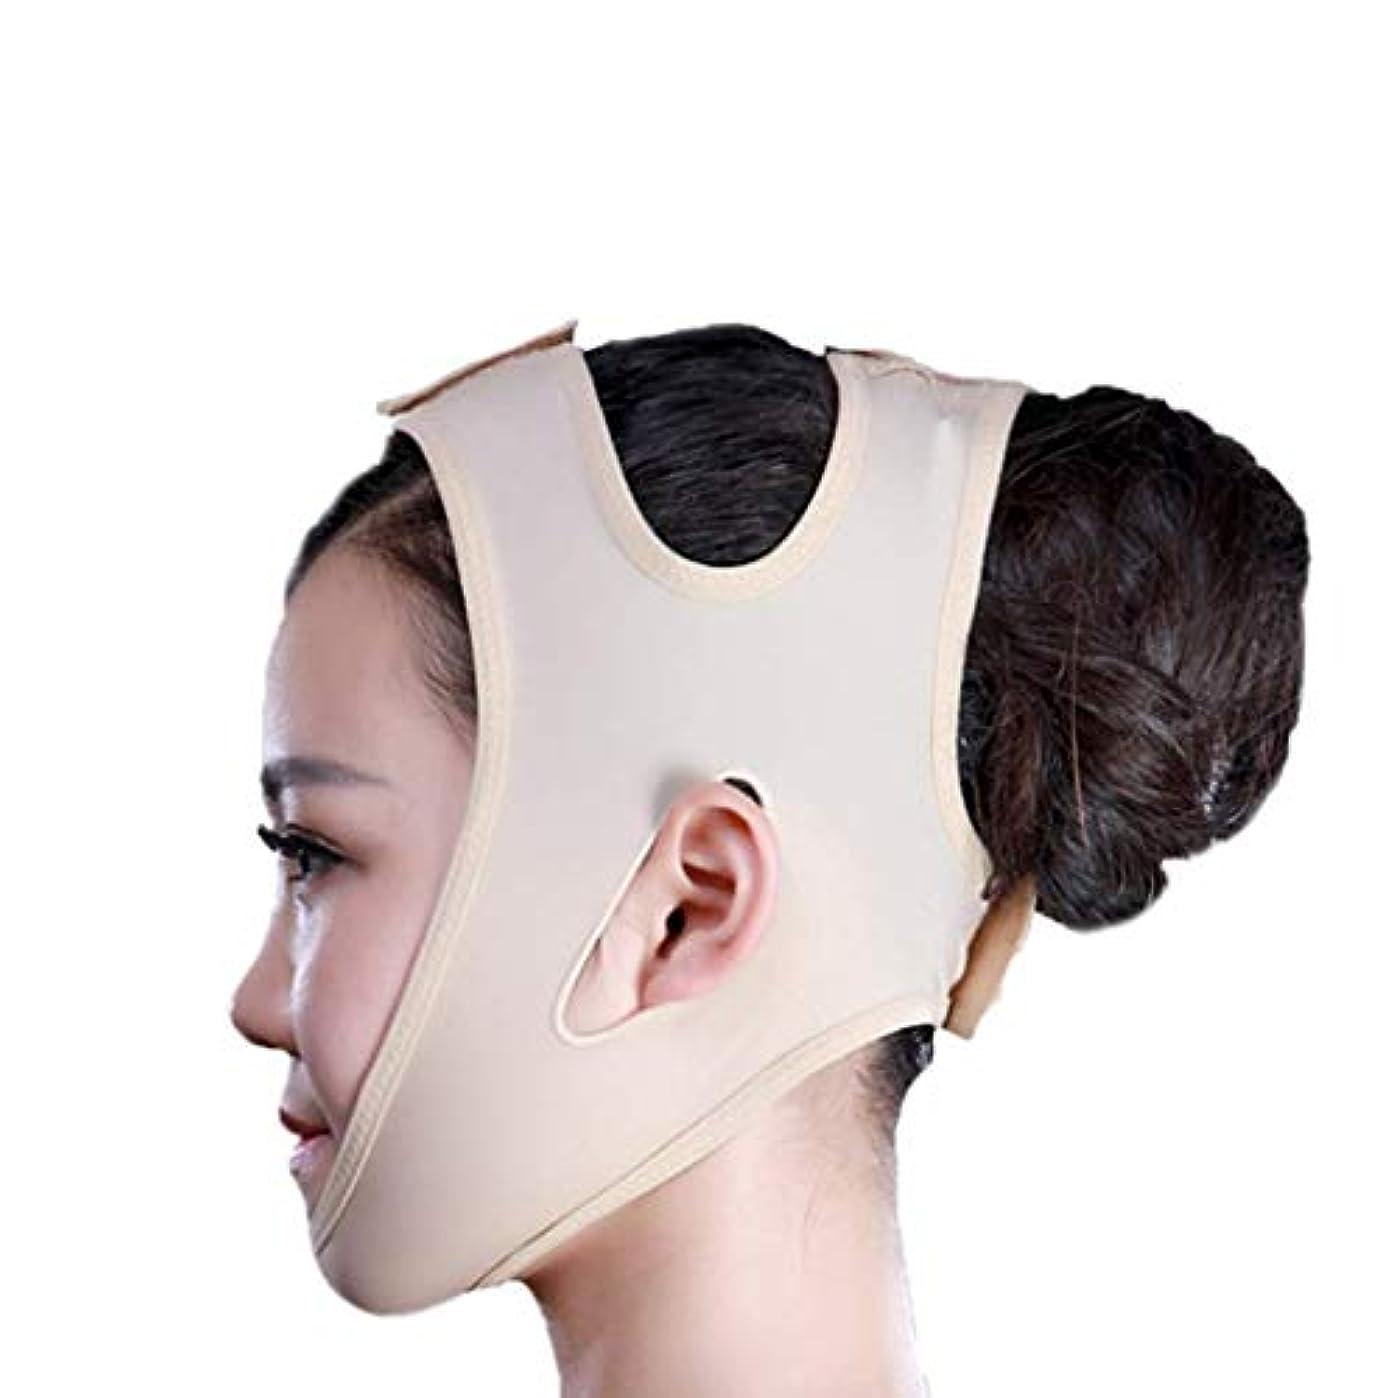 節約する十億天窓フェイススリミングマスク、快適さと通気性、フェイシャルリフティング、輪郭の改善された硬さ、ファーミングとリフティングフェイス(カラー:ブラック、サイズ:XL),黄色がかったピンク、M